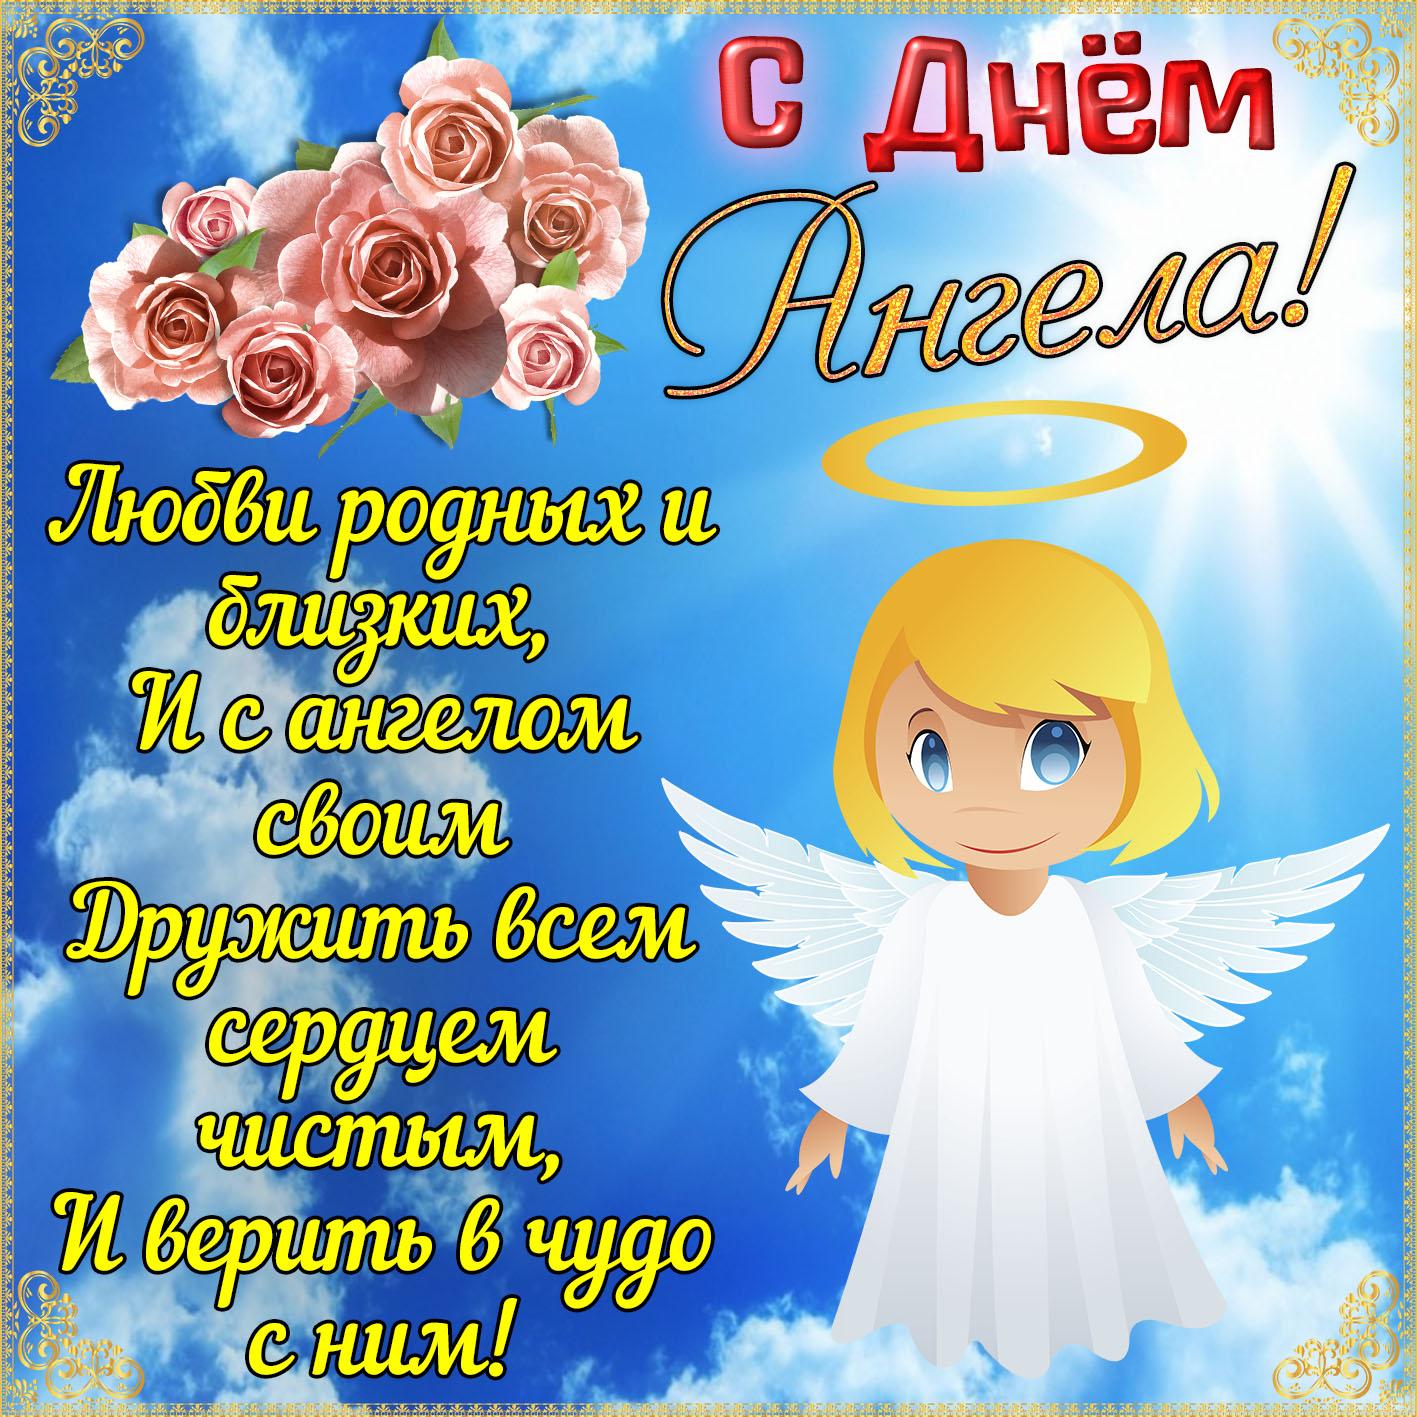 Поздравление на телефон с днем ангела